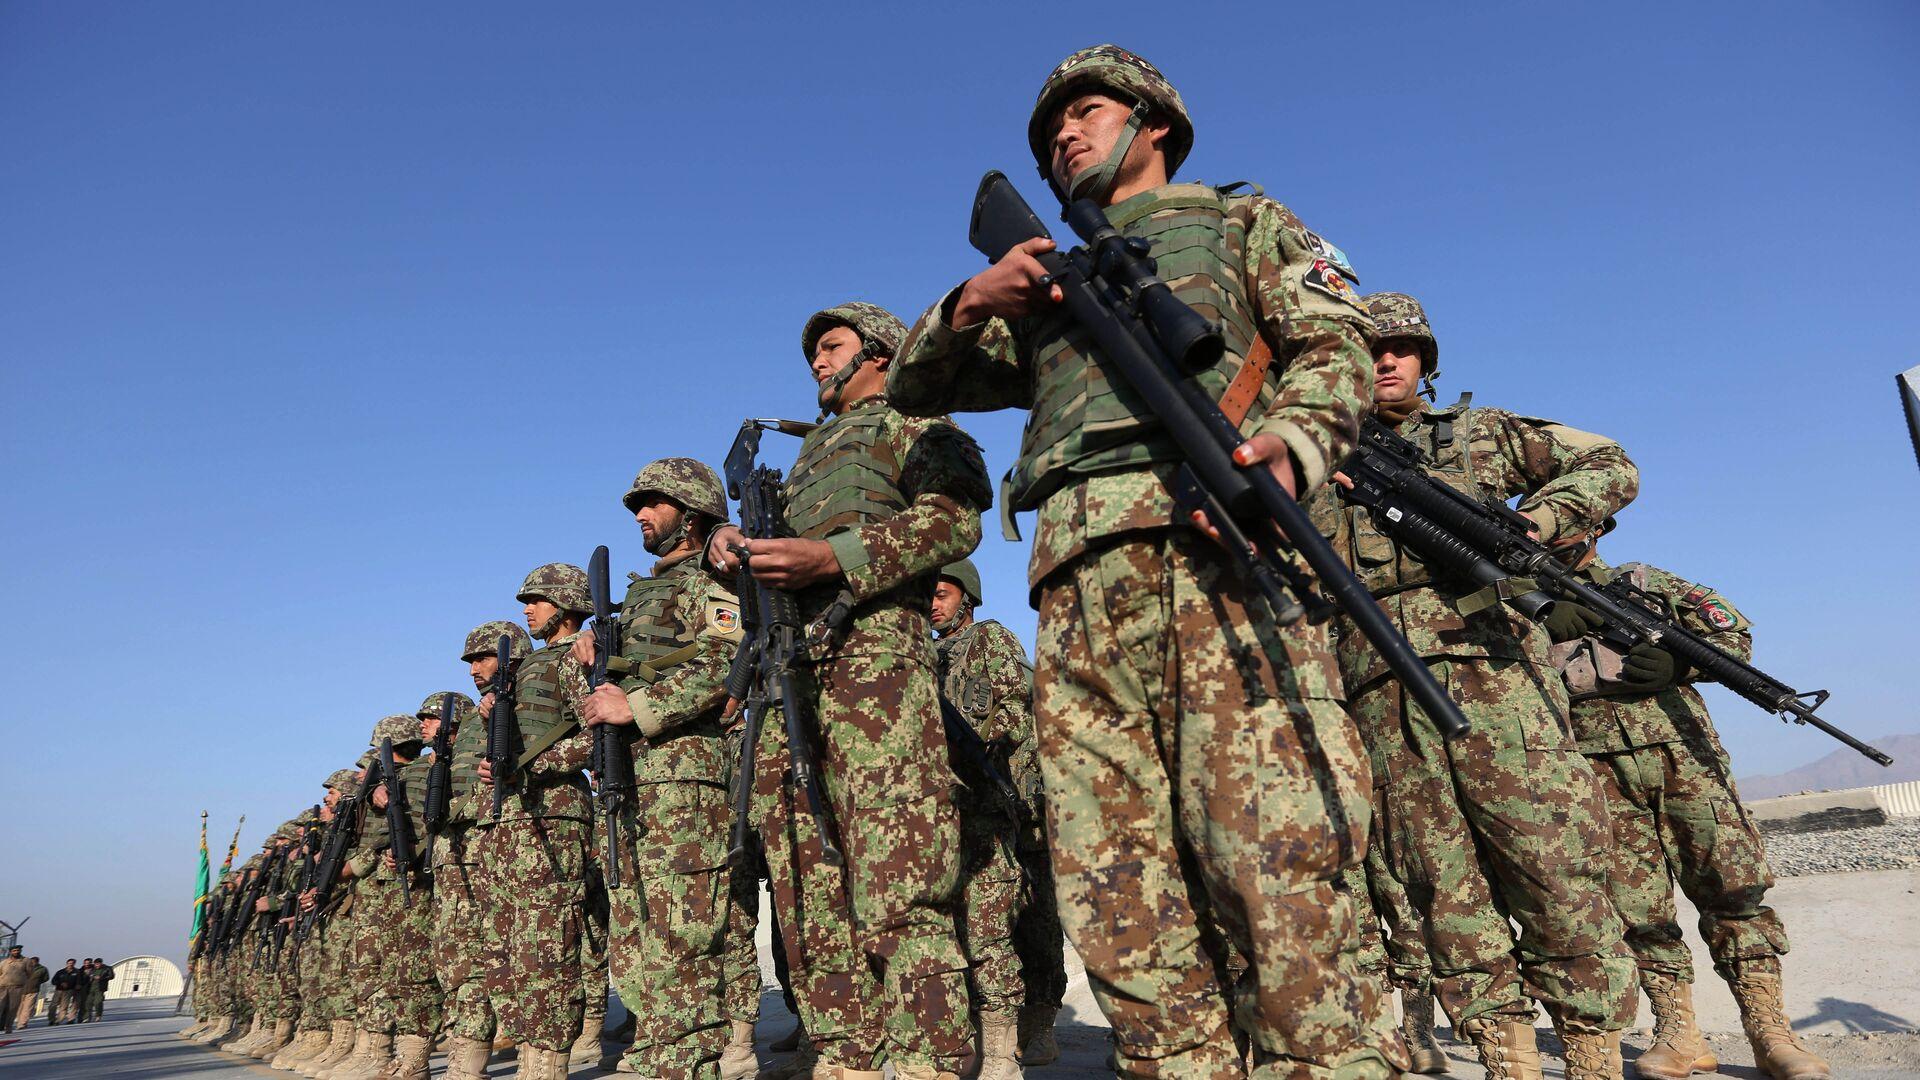 Forze di sicurezza afghane. Afghanistan,  11 gennaio 2015 - Sputnik Italia, 1920, 20.08.2021